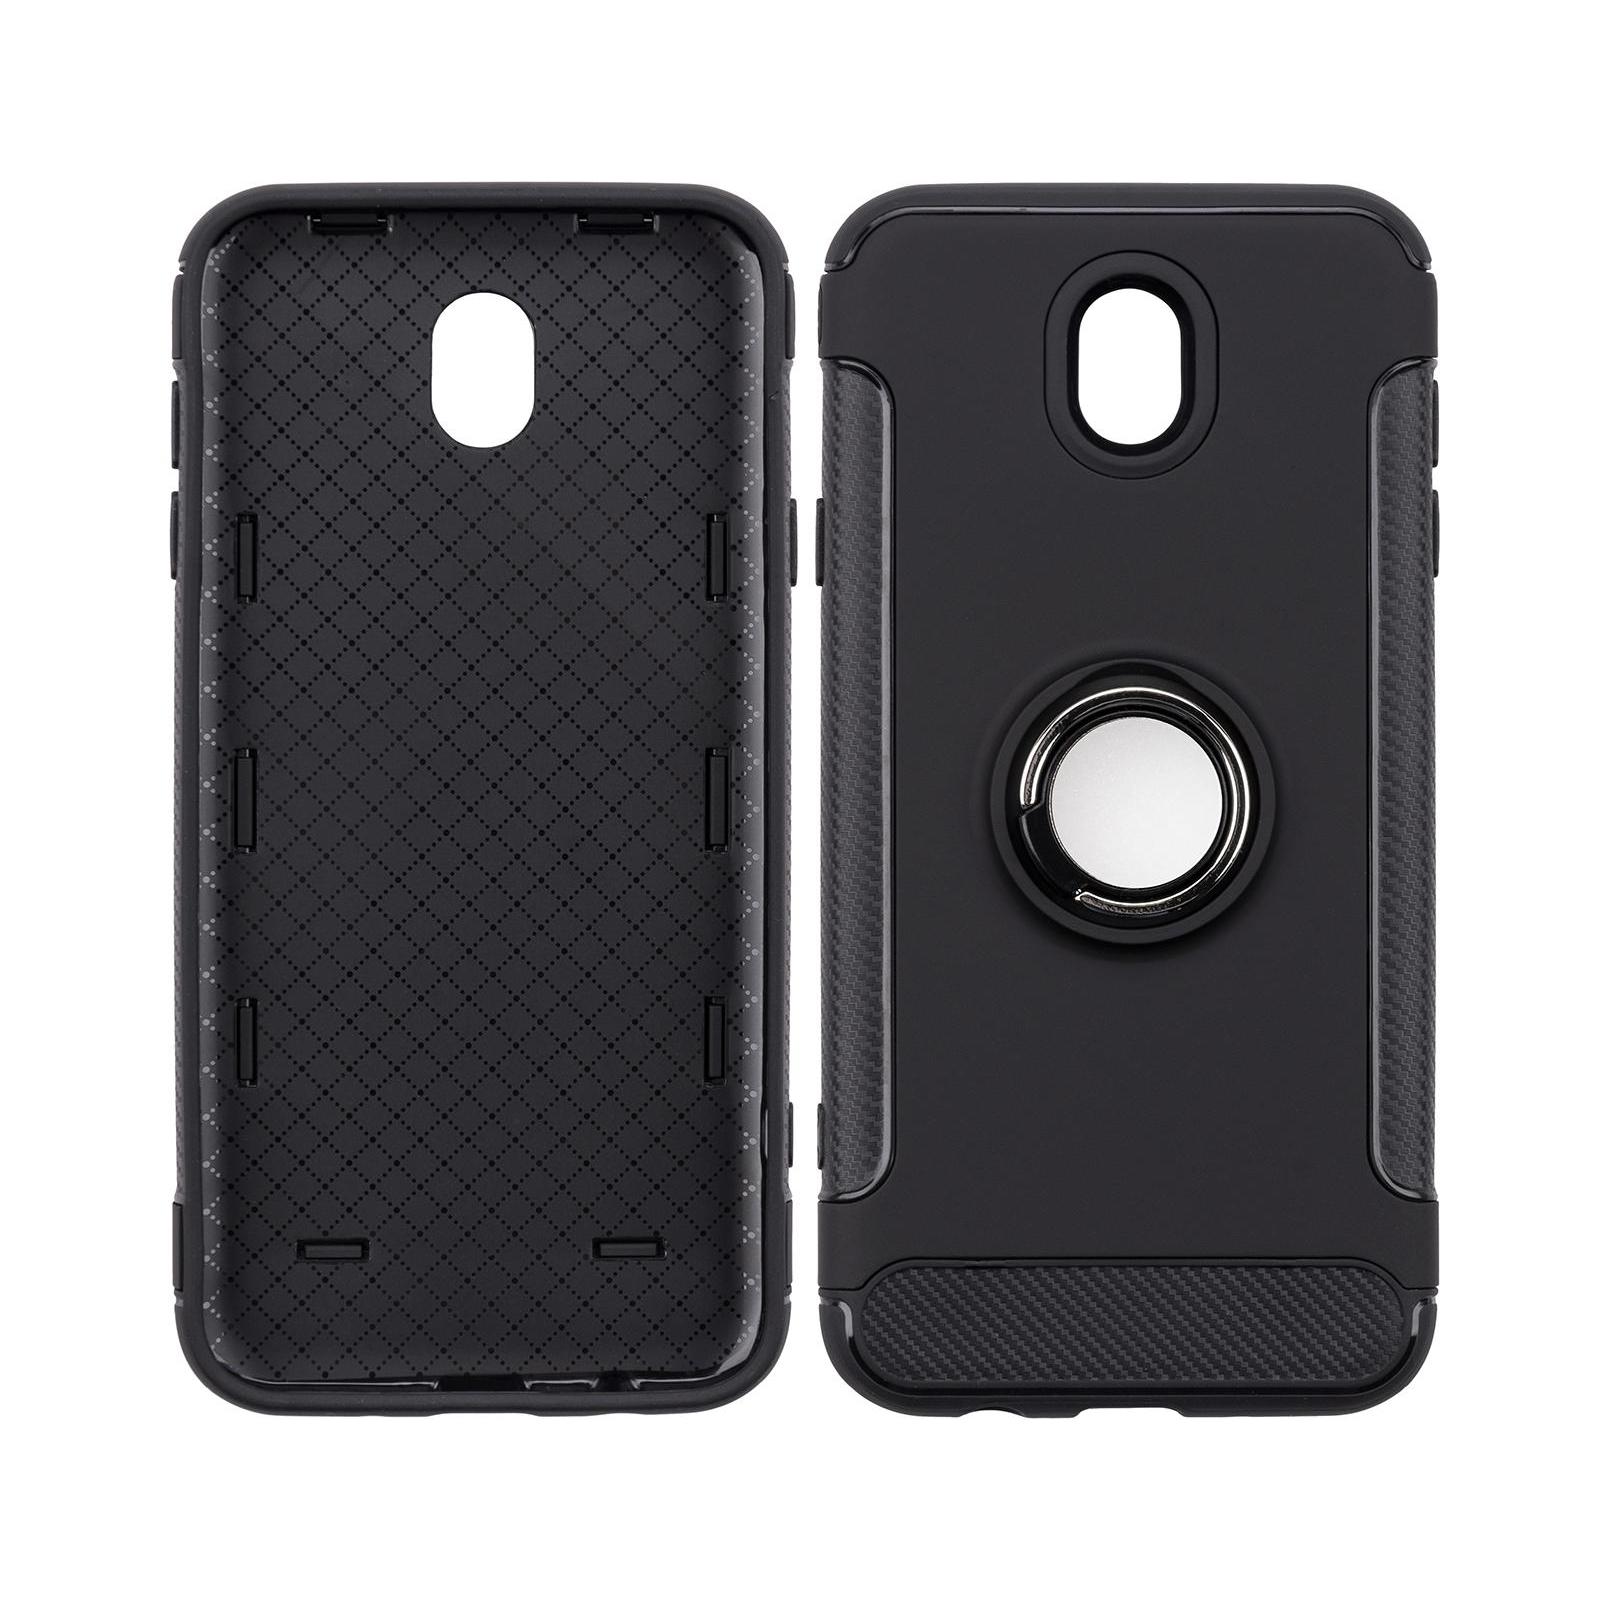 Чехол для моб. телефона Laudtec для Samsung J7 2017/J730 Ring stand (black) (LR-J730-BC) изображение 5